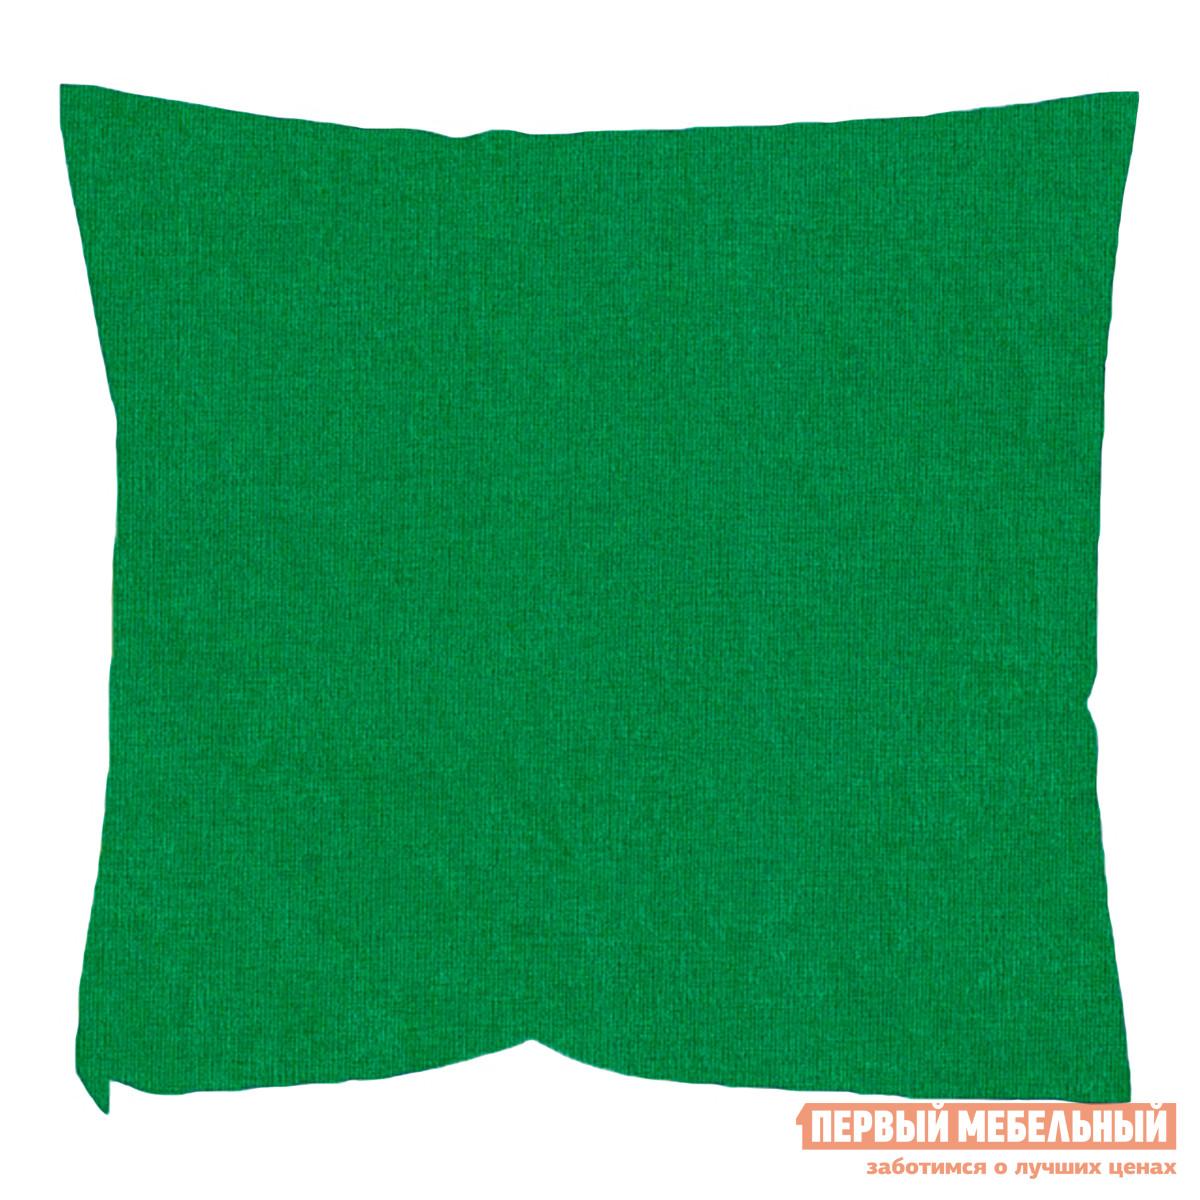 Декоративная подушка DreamBag Зеленый Микровельвет декоративная подушка томдом литерн о зеленый